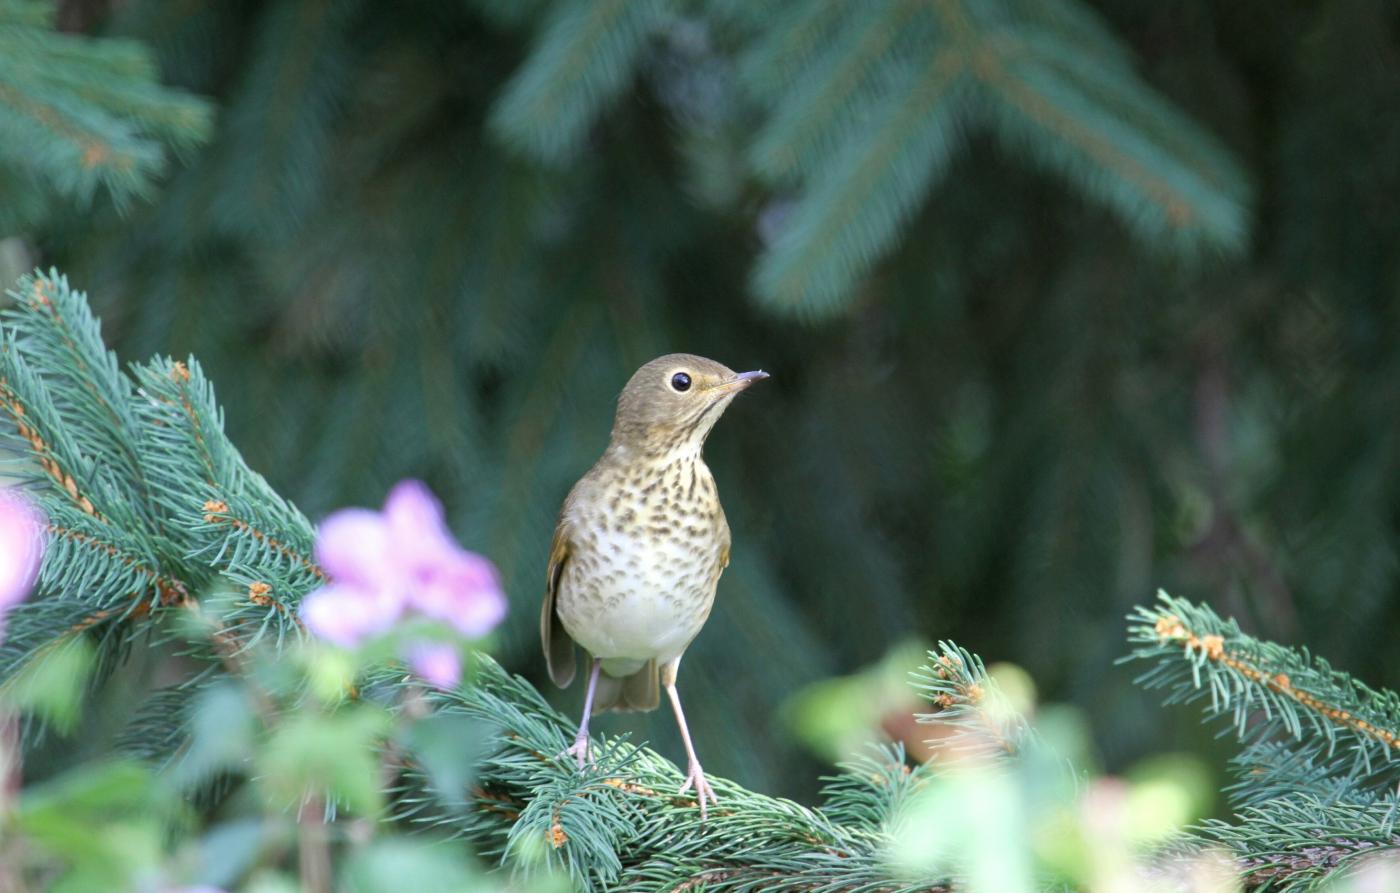 【田螺随拍】在后院放一个喂鸟